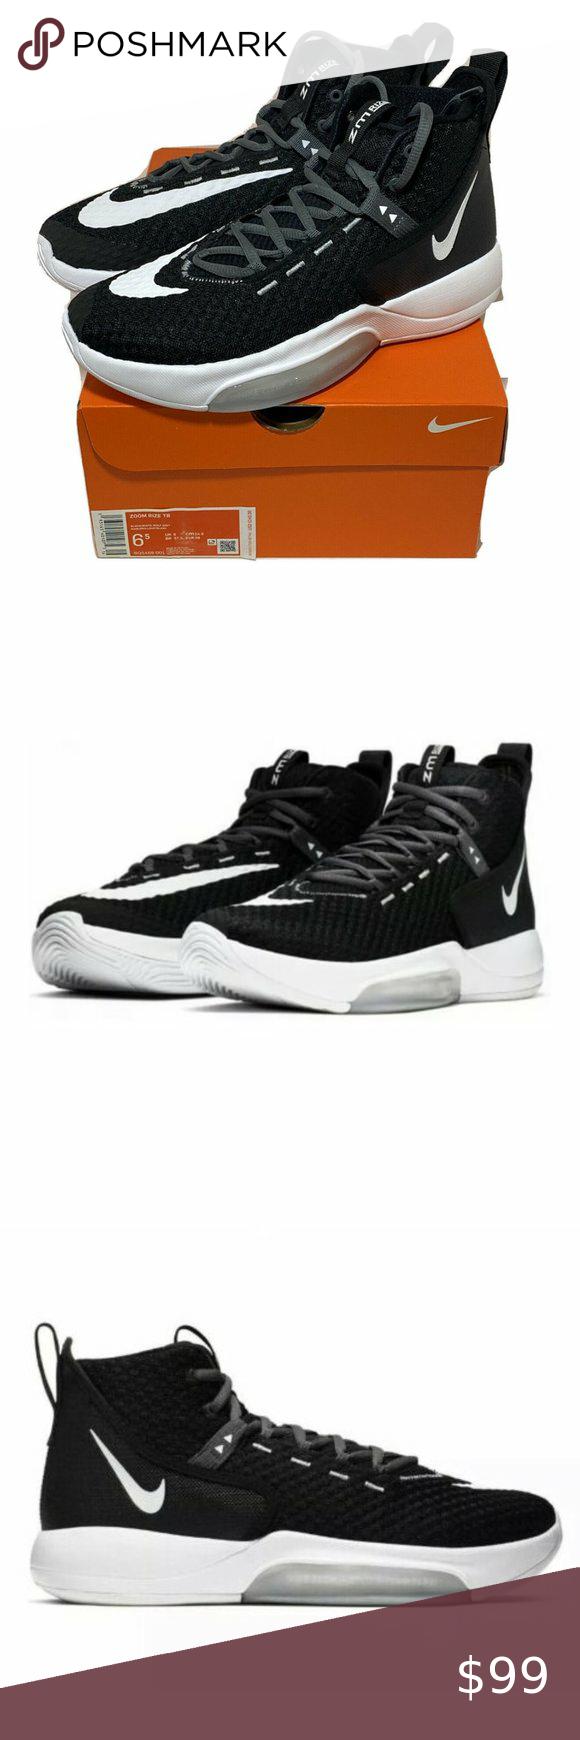 Nike Zoom Rize Tb Black Basketball Shoes Nib In 2020 Black Basketball Shoes Nike Zoom Basketball Shoes